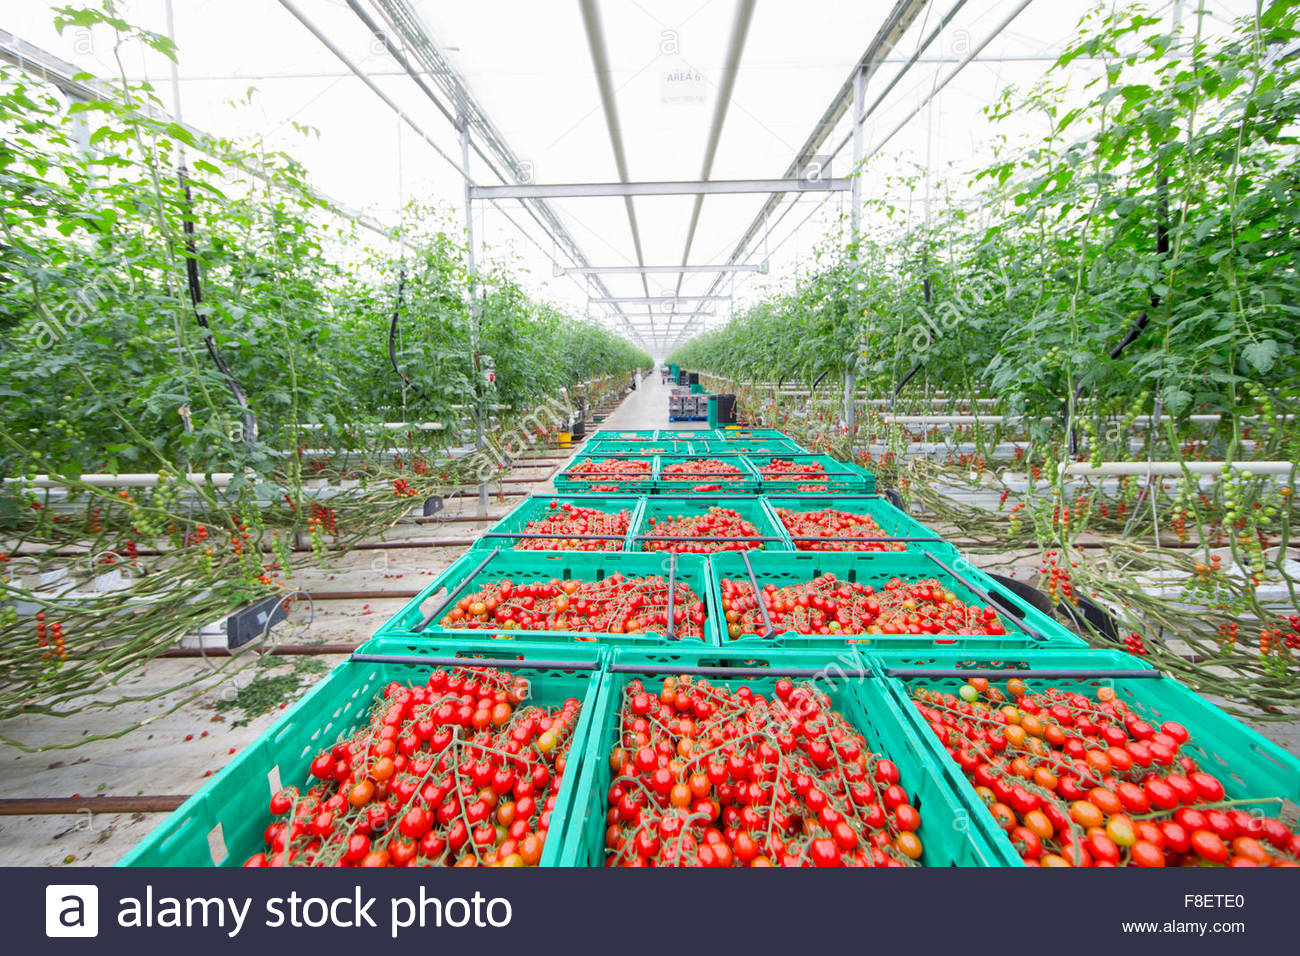 La abundancia de tomates de vid roja madura en jaulas en el invernadero Imagen De Stock